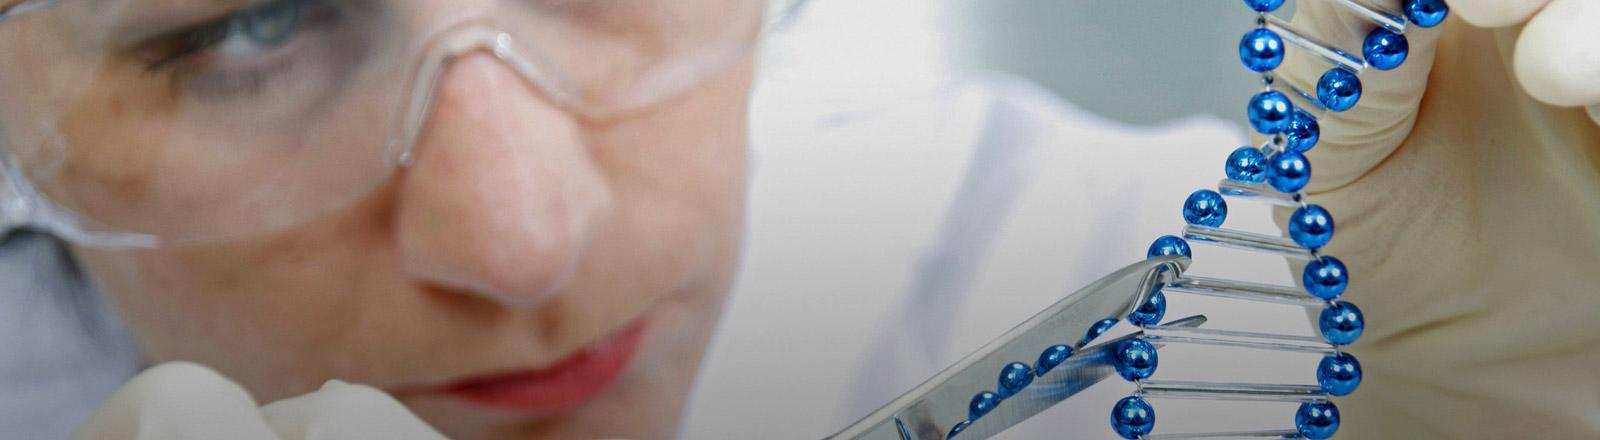 Eine Wissenschaftlerin zerschneidet mit einer Schere ein DNA-Modell